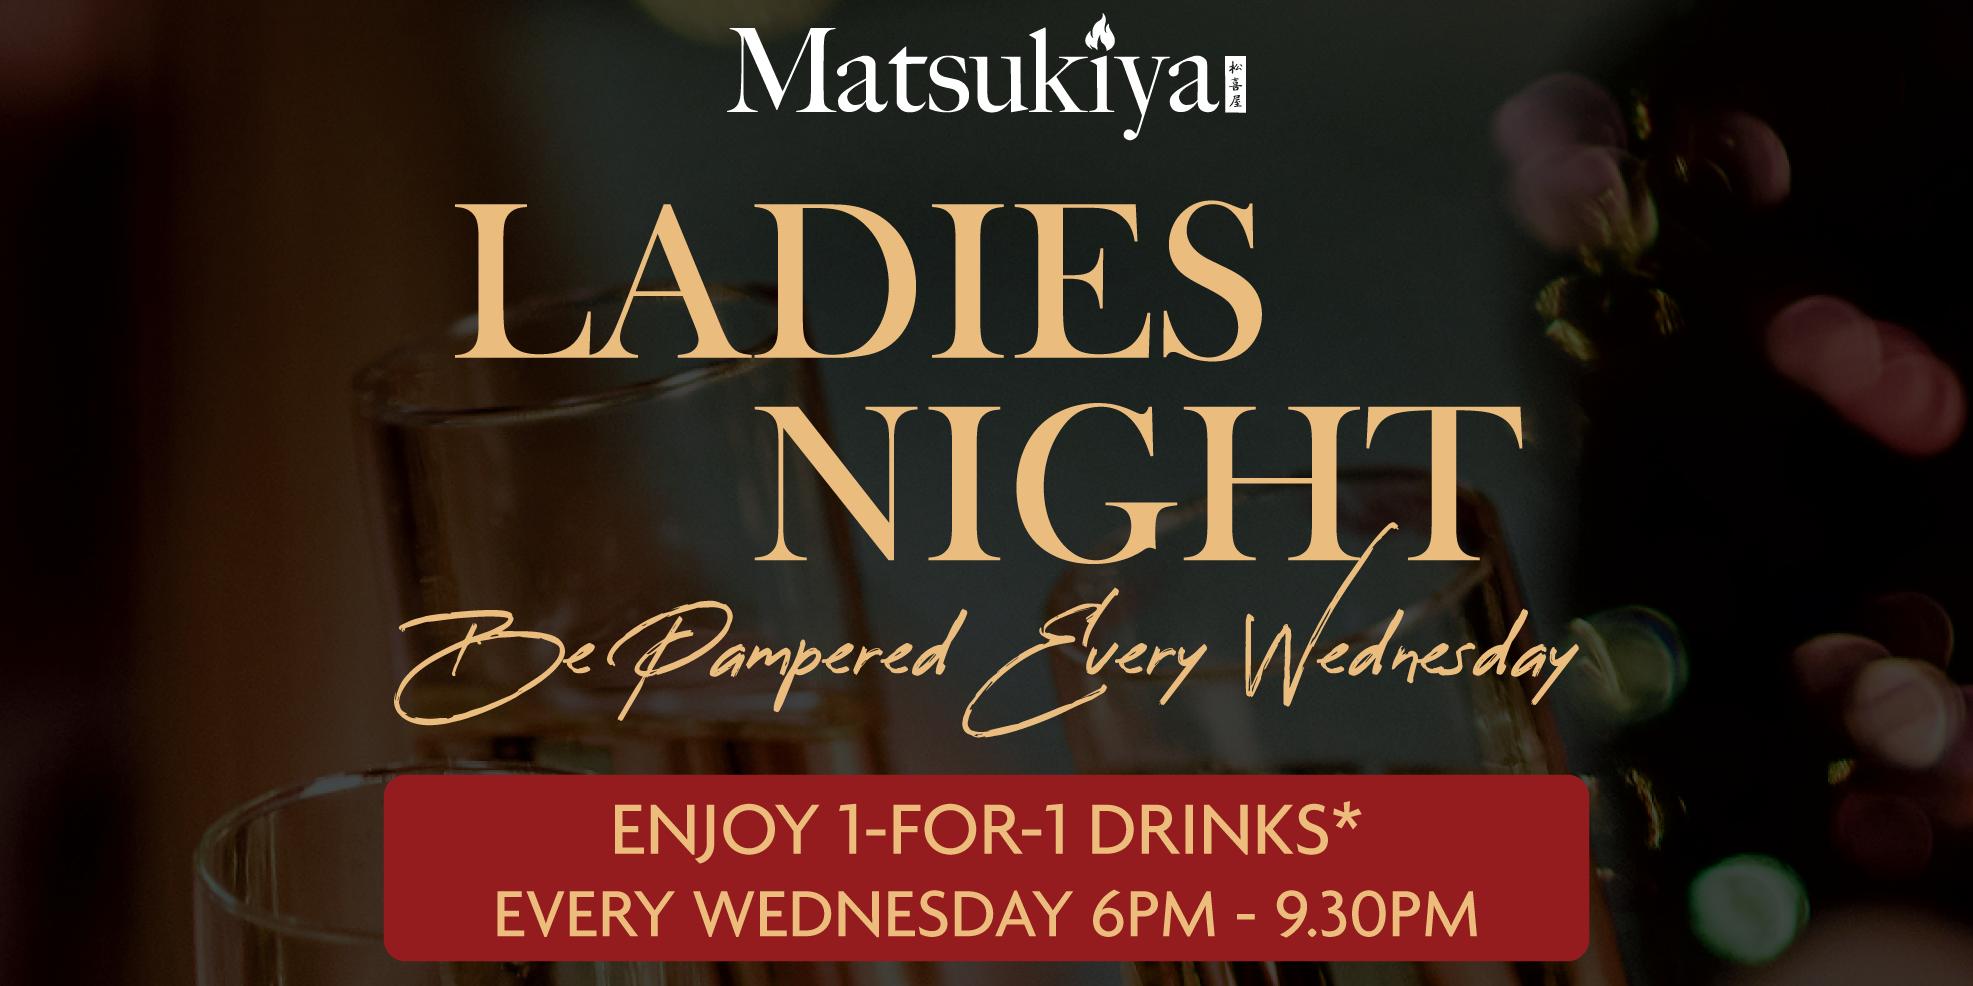 Ladies Night, Enjoy 1 for 1 drinks at Matsukiya